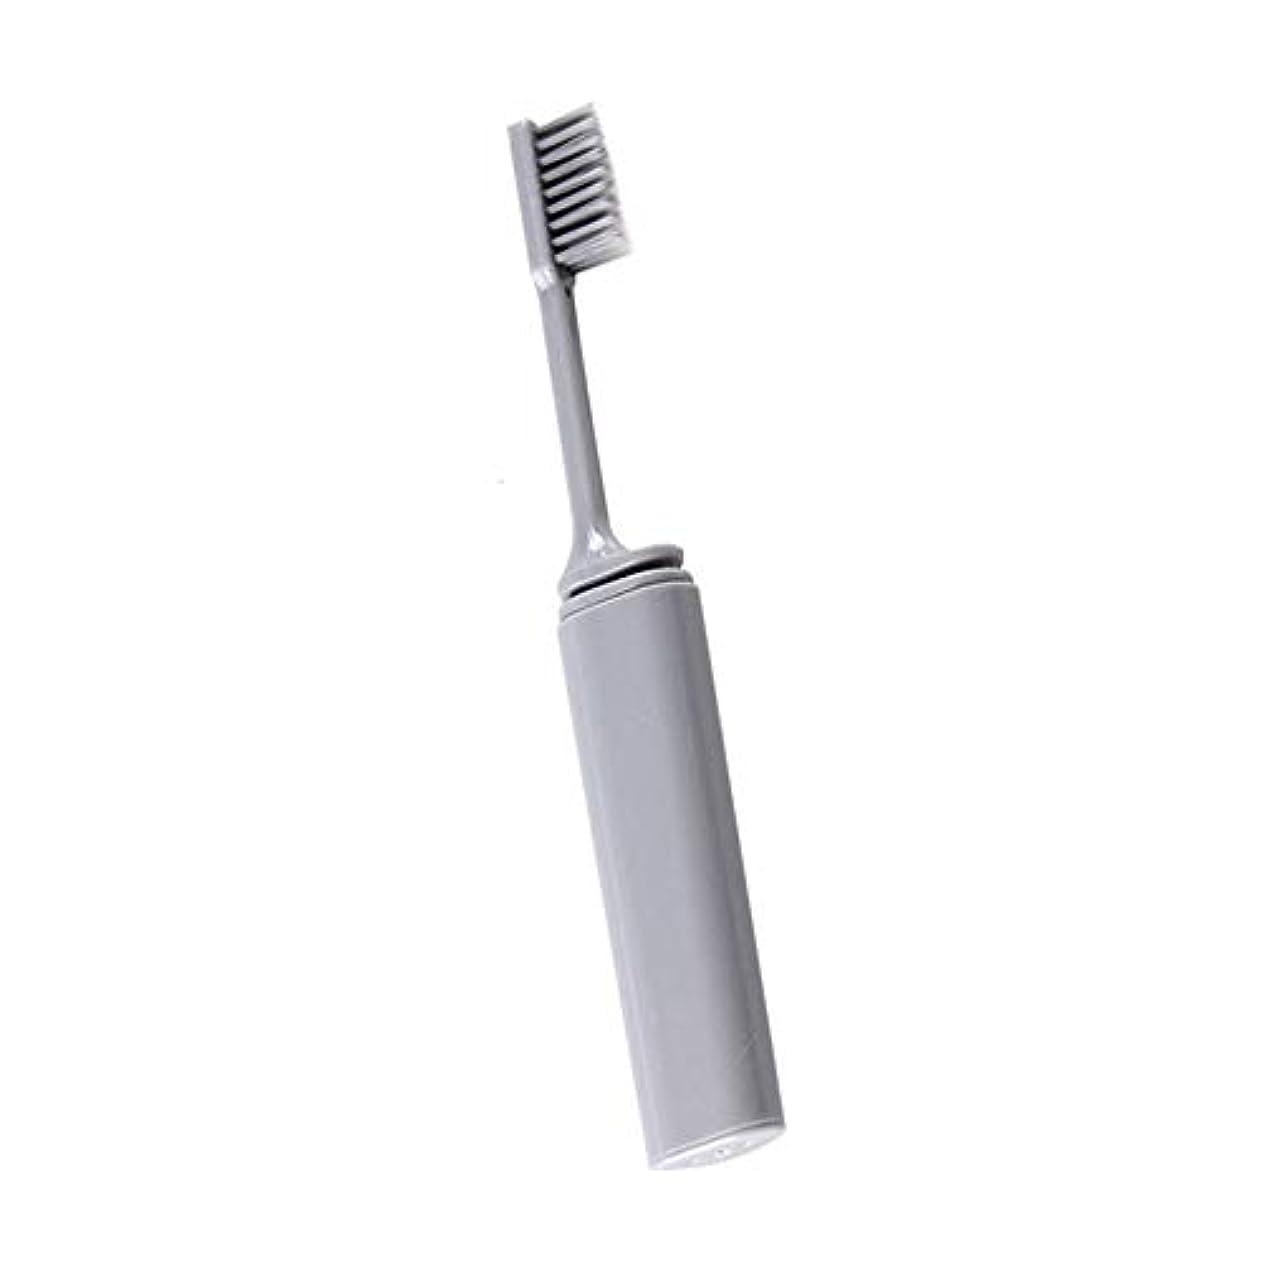 チェス分析するスリムOnior 旅行歯ブラシ 折りたたみ歯ブラシ 携帯歯ブラシ 外出 旅行用品, ソフト コンパクト歯ブラシ 便利 折りたたみ 耐久性 携帯用 灰色